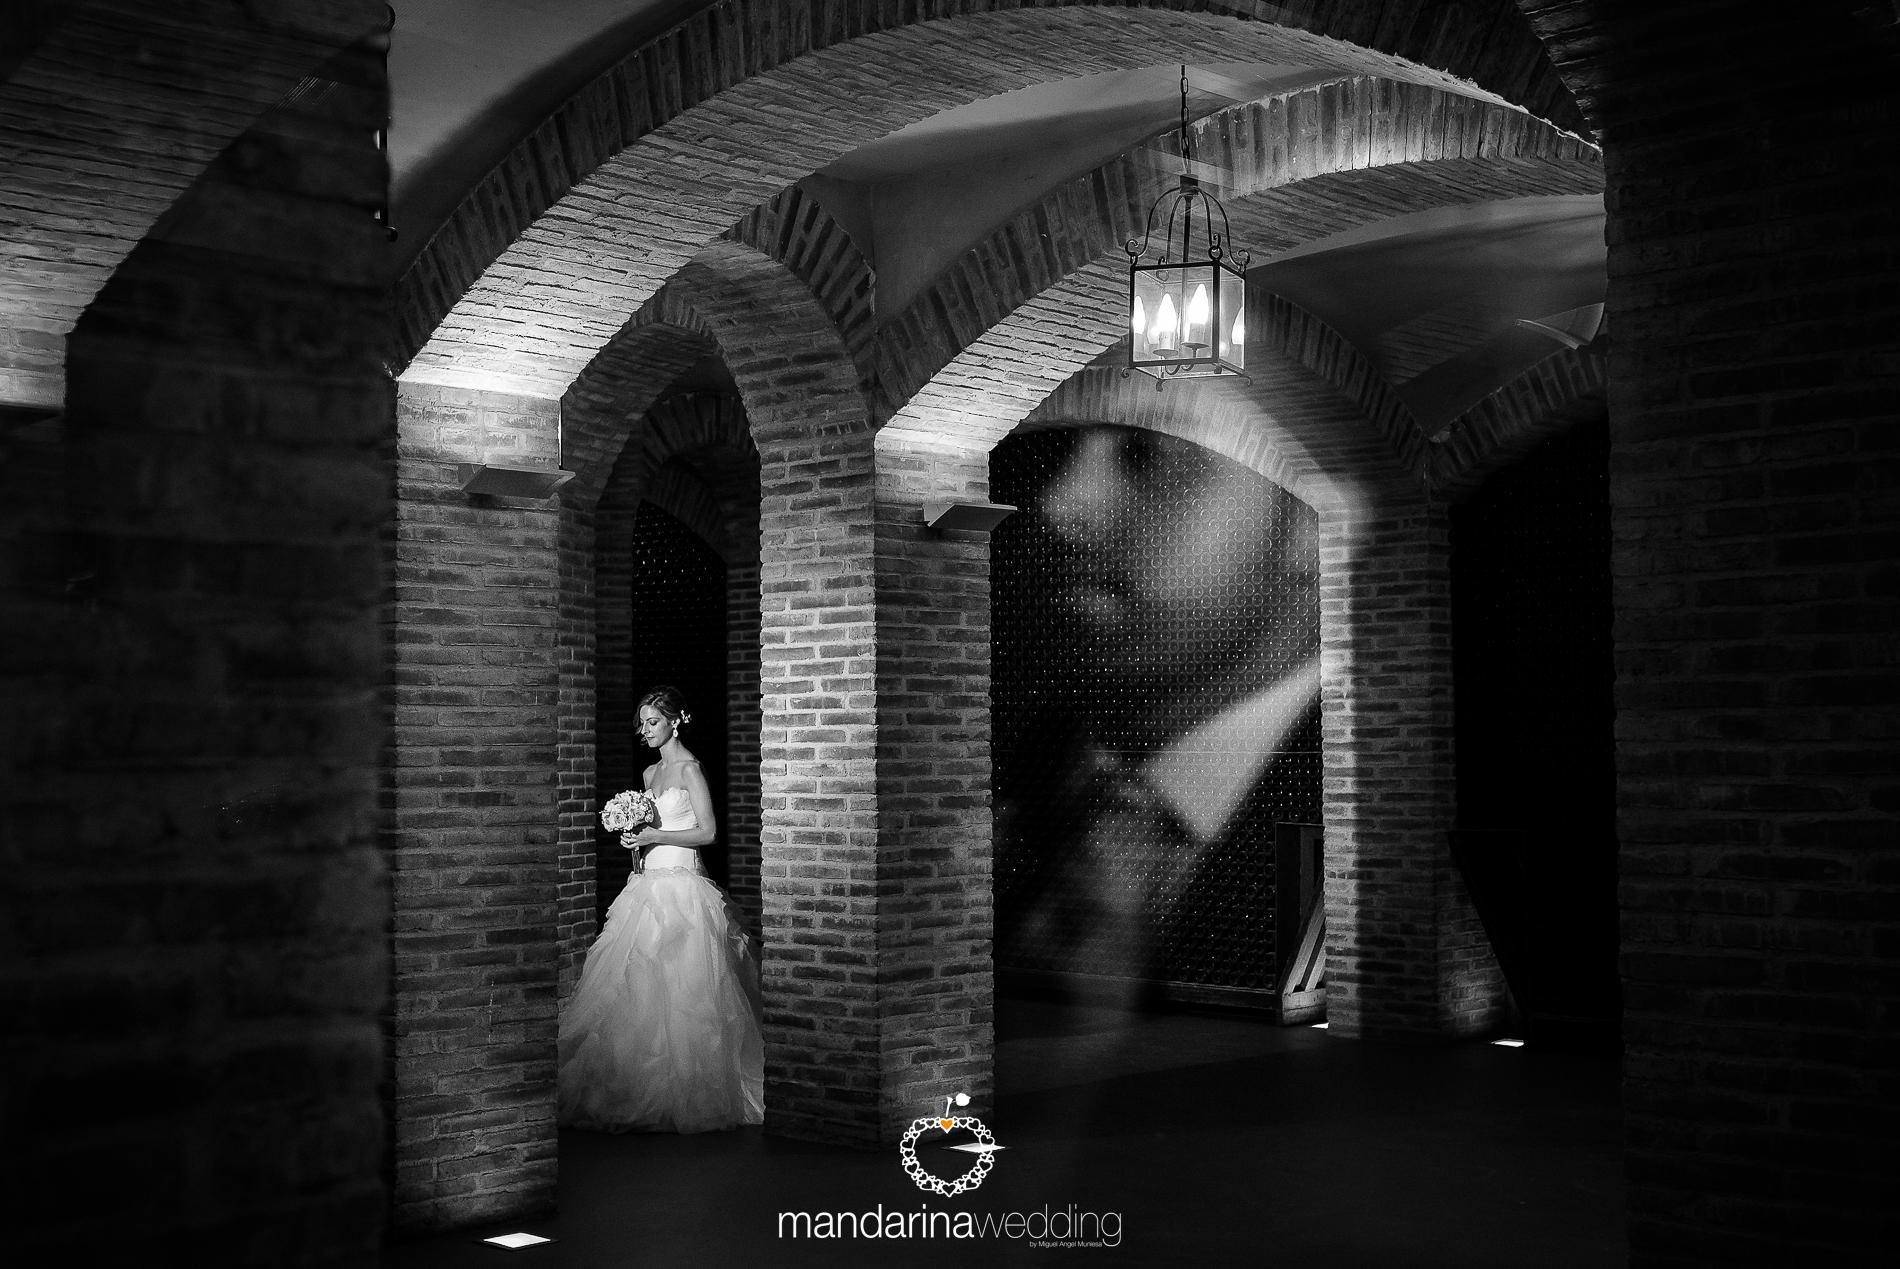 mandarina wedding_28